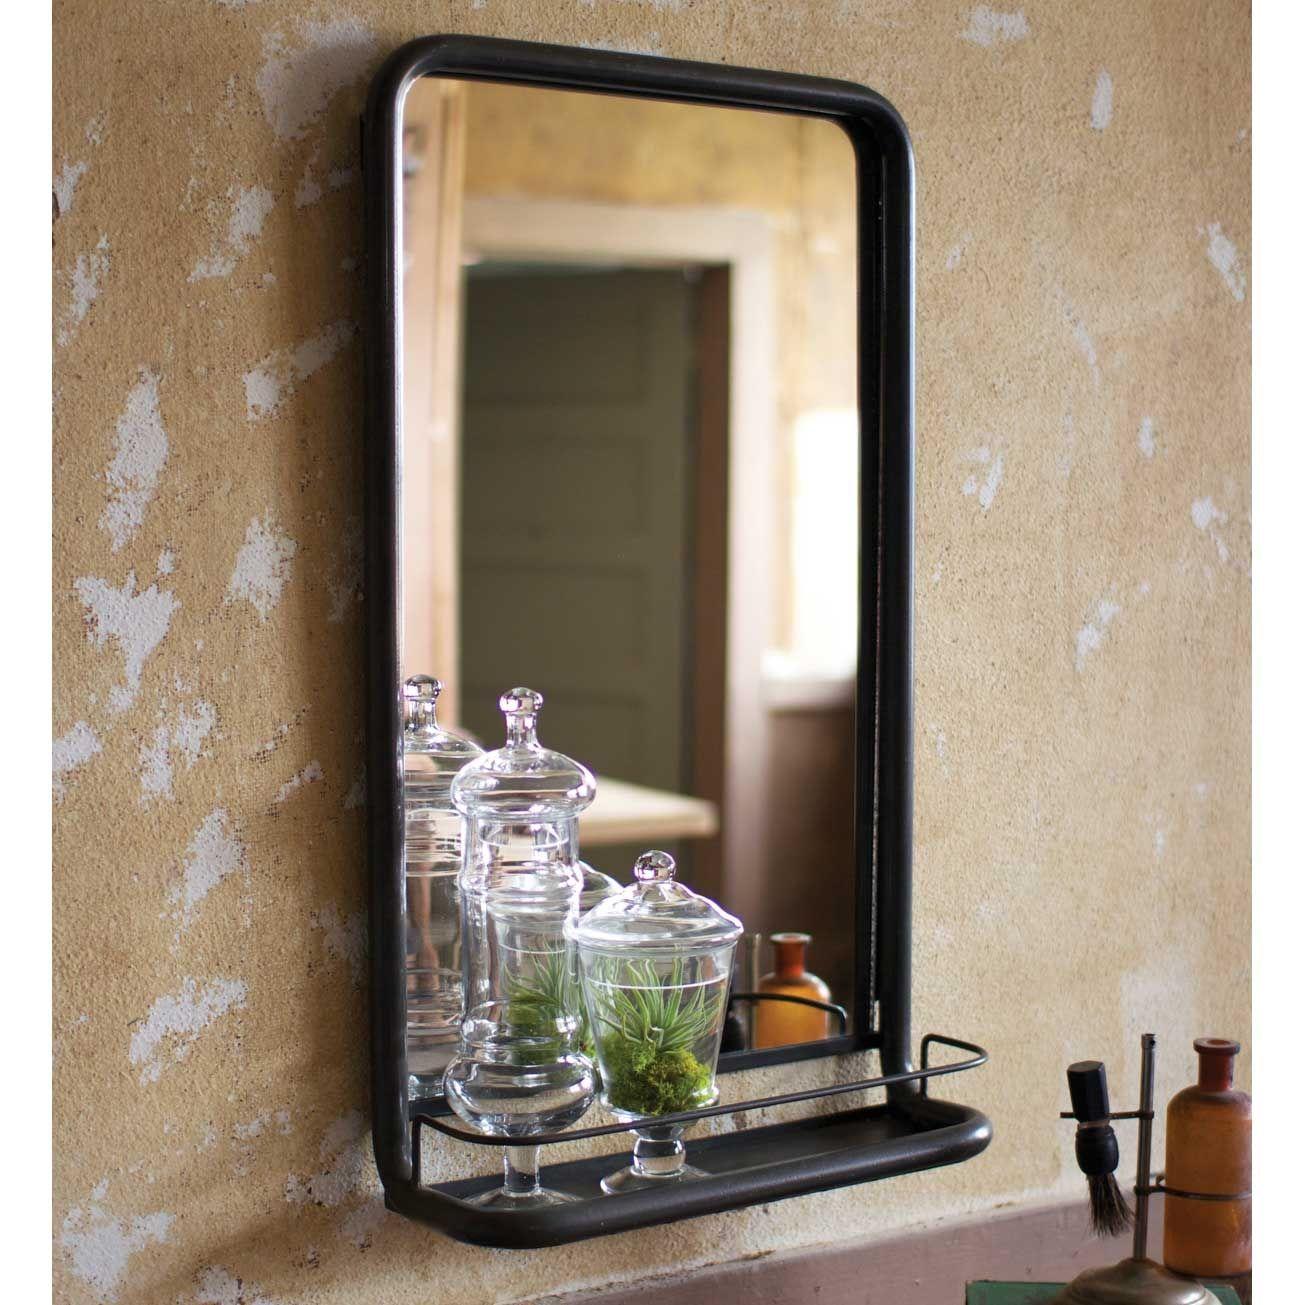 Rustic Metal Frame Farmhouse Mirror with Shelf Bathroom